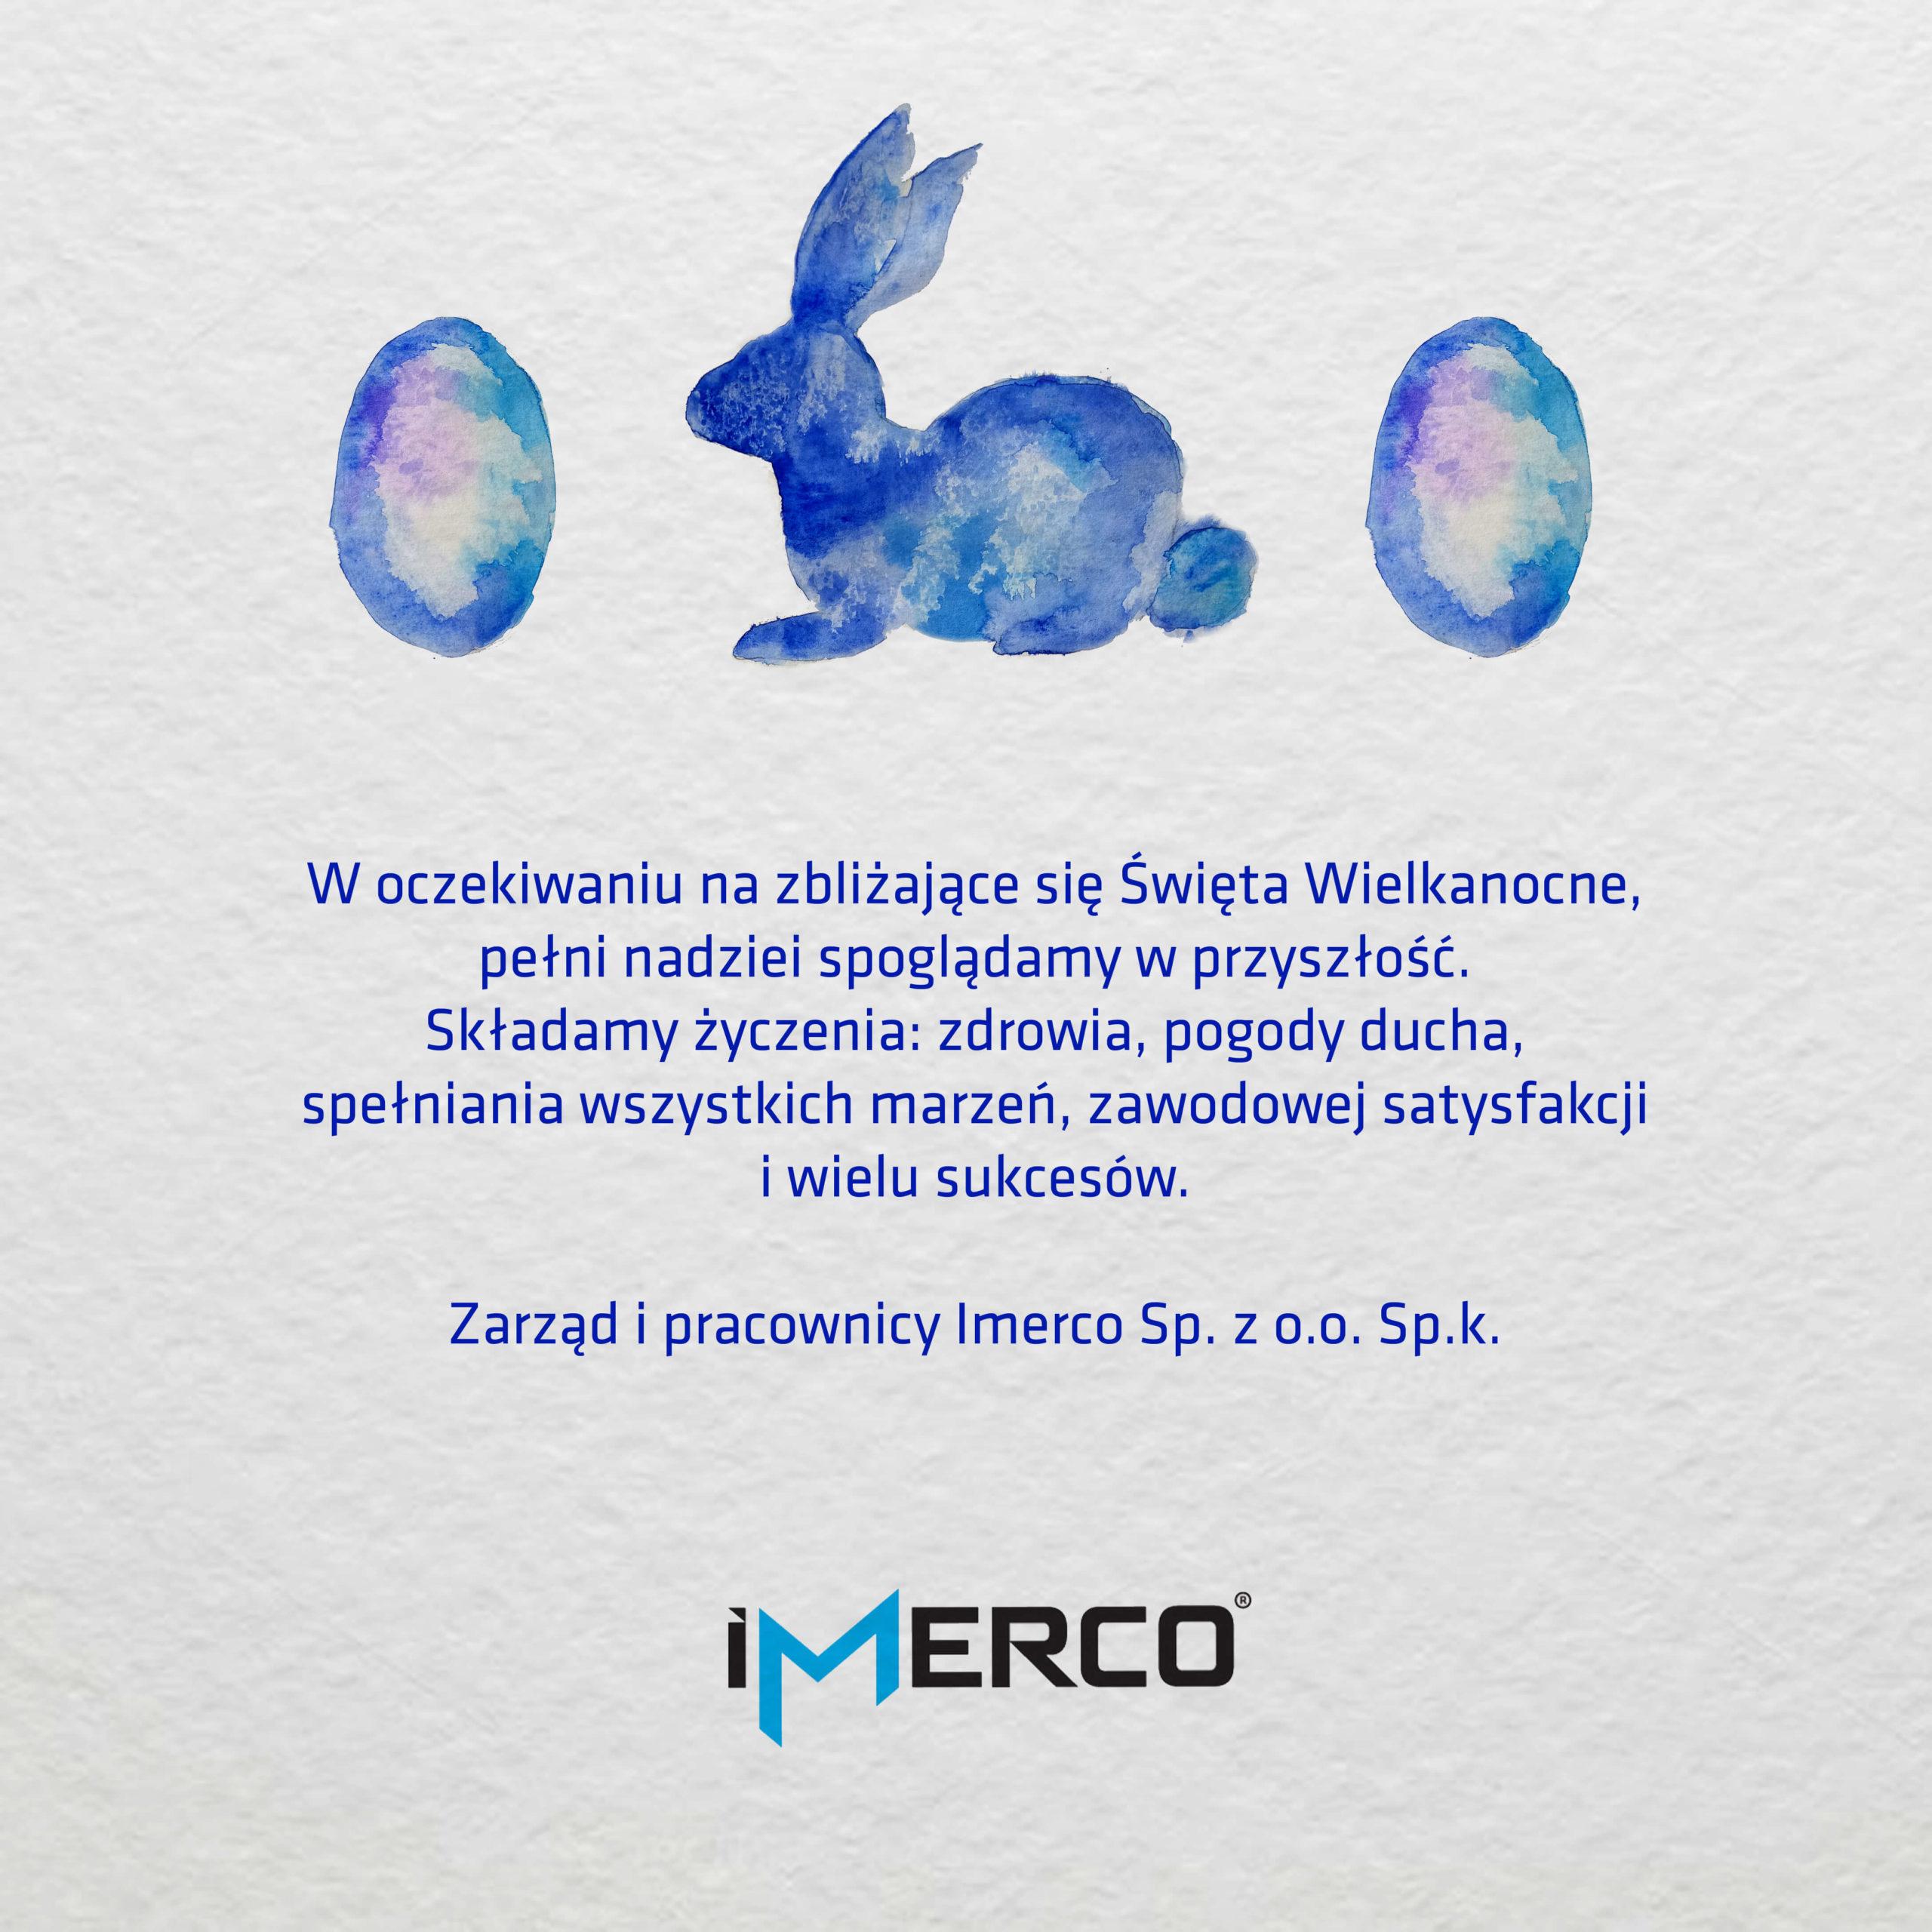 IMERCO_Wielkanoc_pl (1)